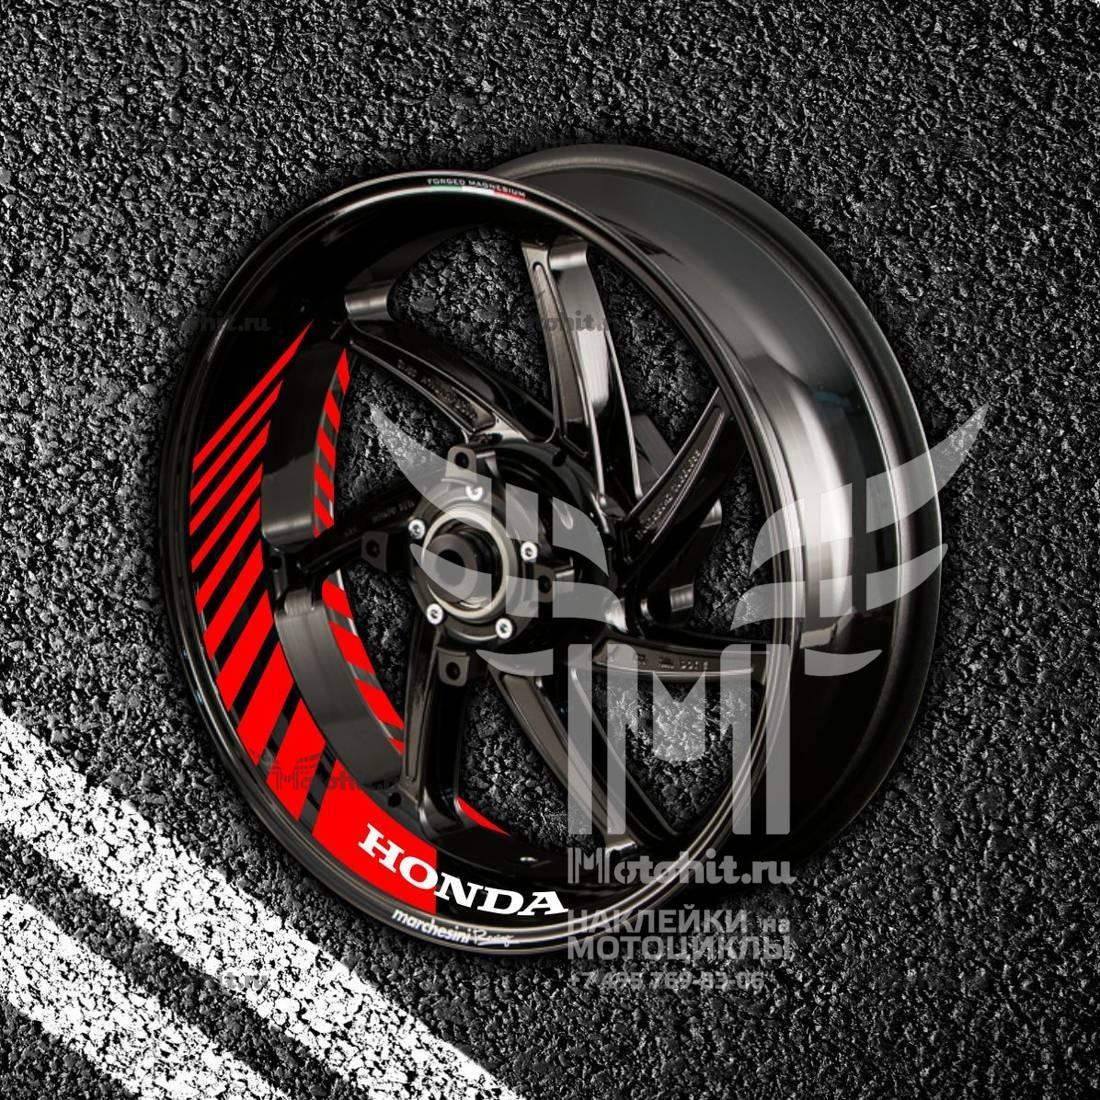 Комплект наклеек с полосами на колеса мотоцикла HONDA